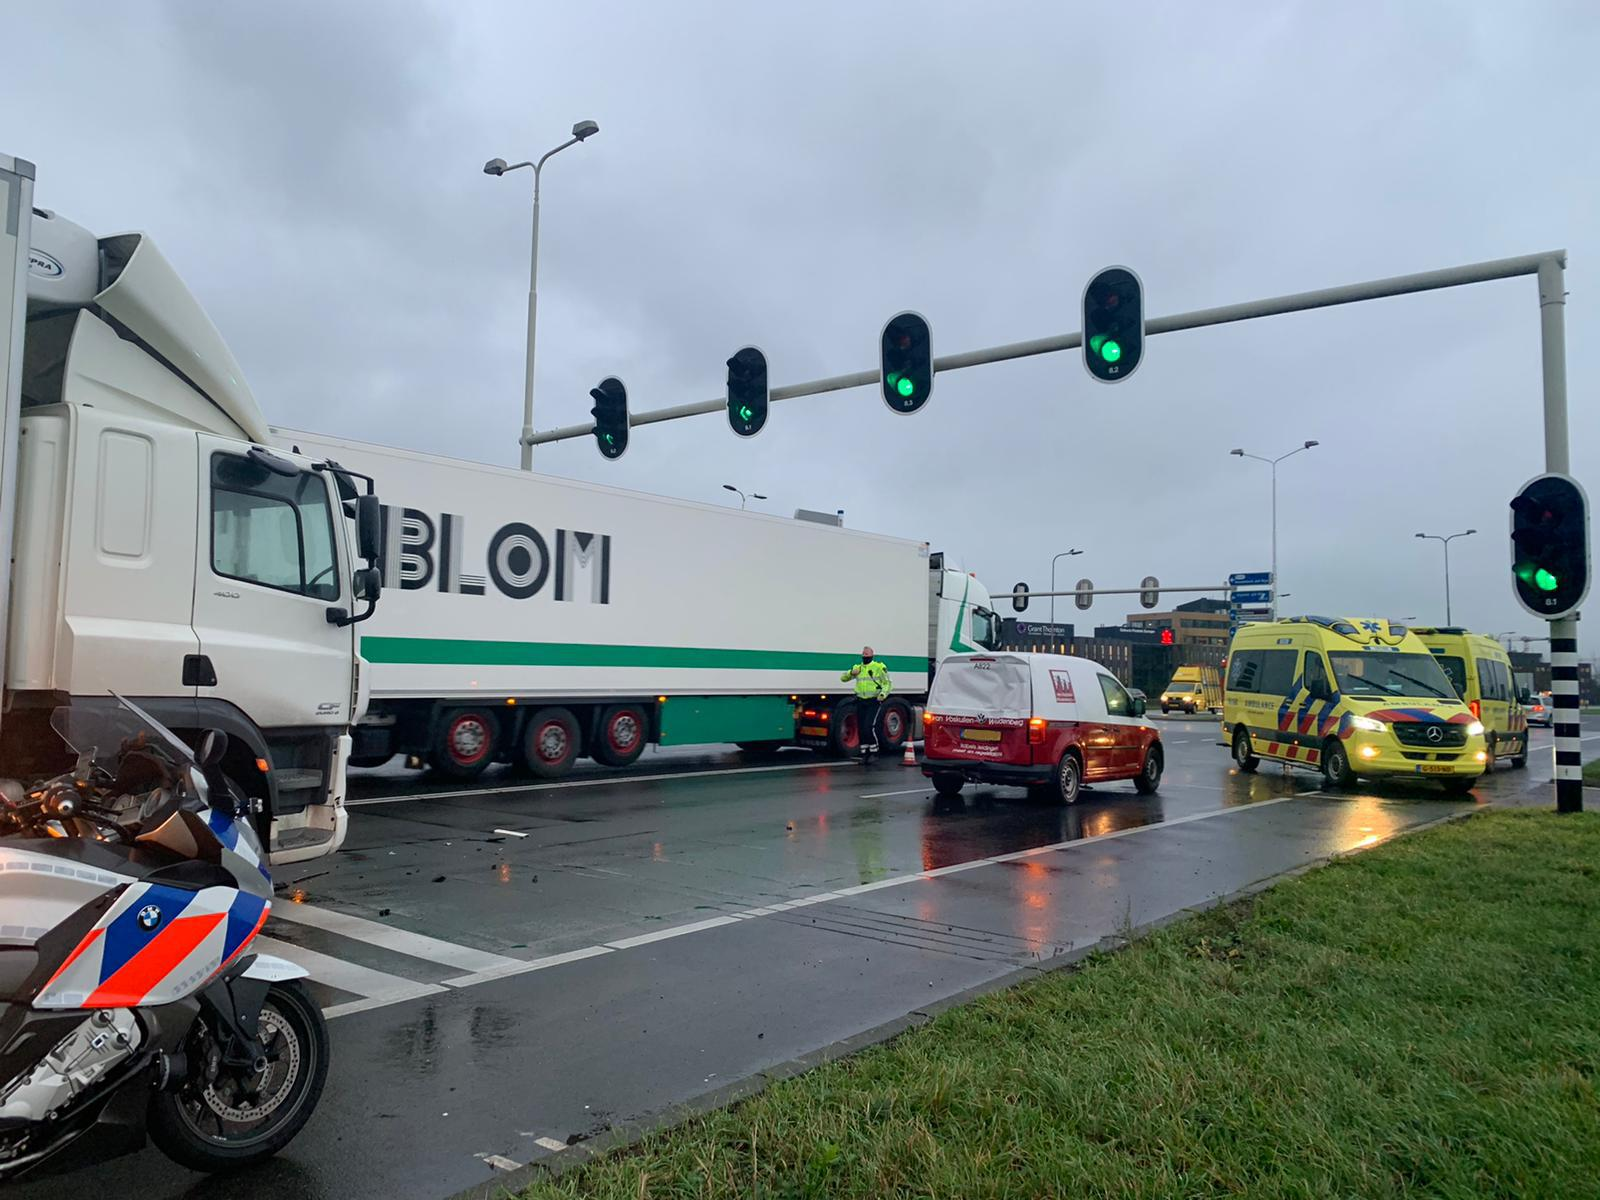 Twee gewonden bij kop-staartbotsing vrachtwagen en bedrijfswagen in Alphen aan den Rijn